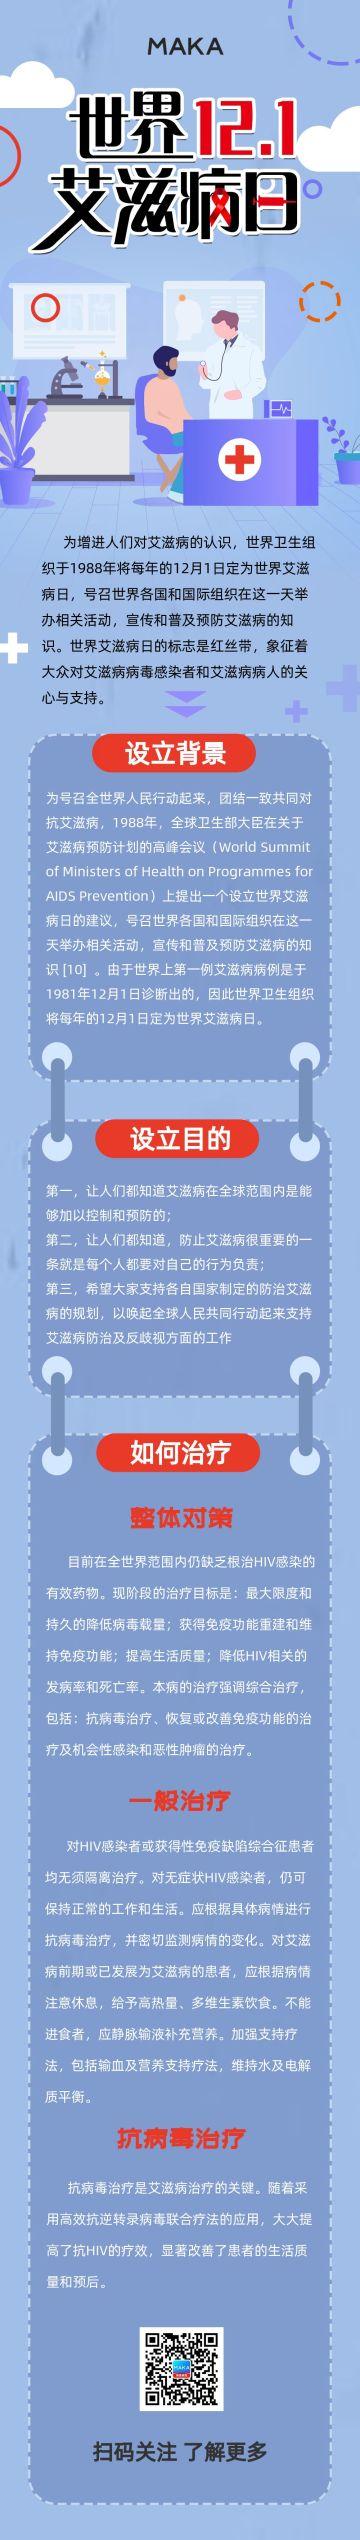 蓝色简约世界艾滋病日宣传科普长页